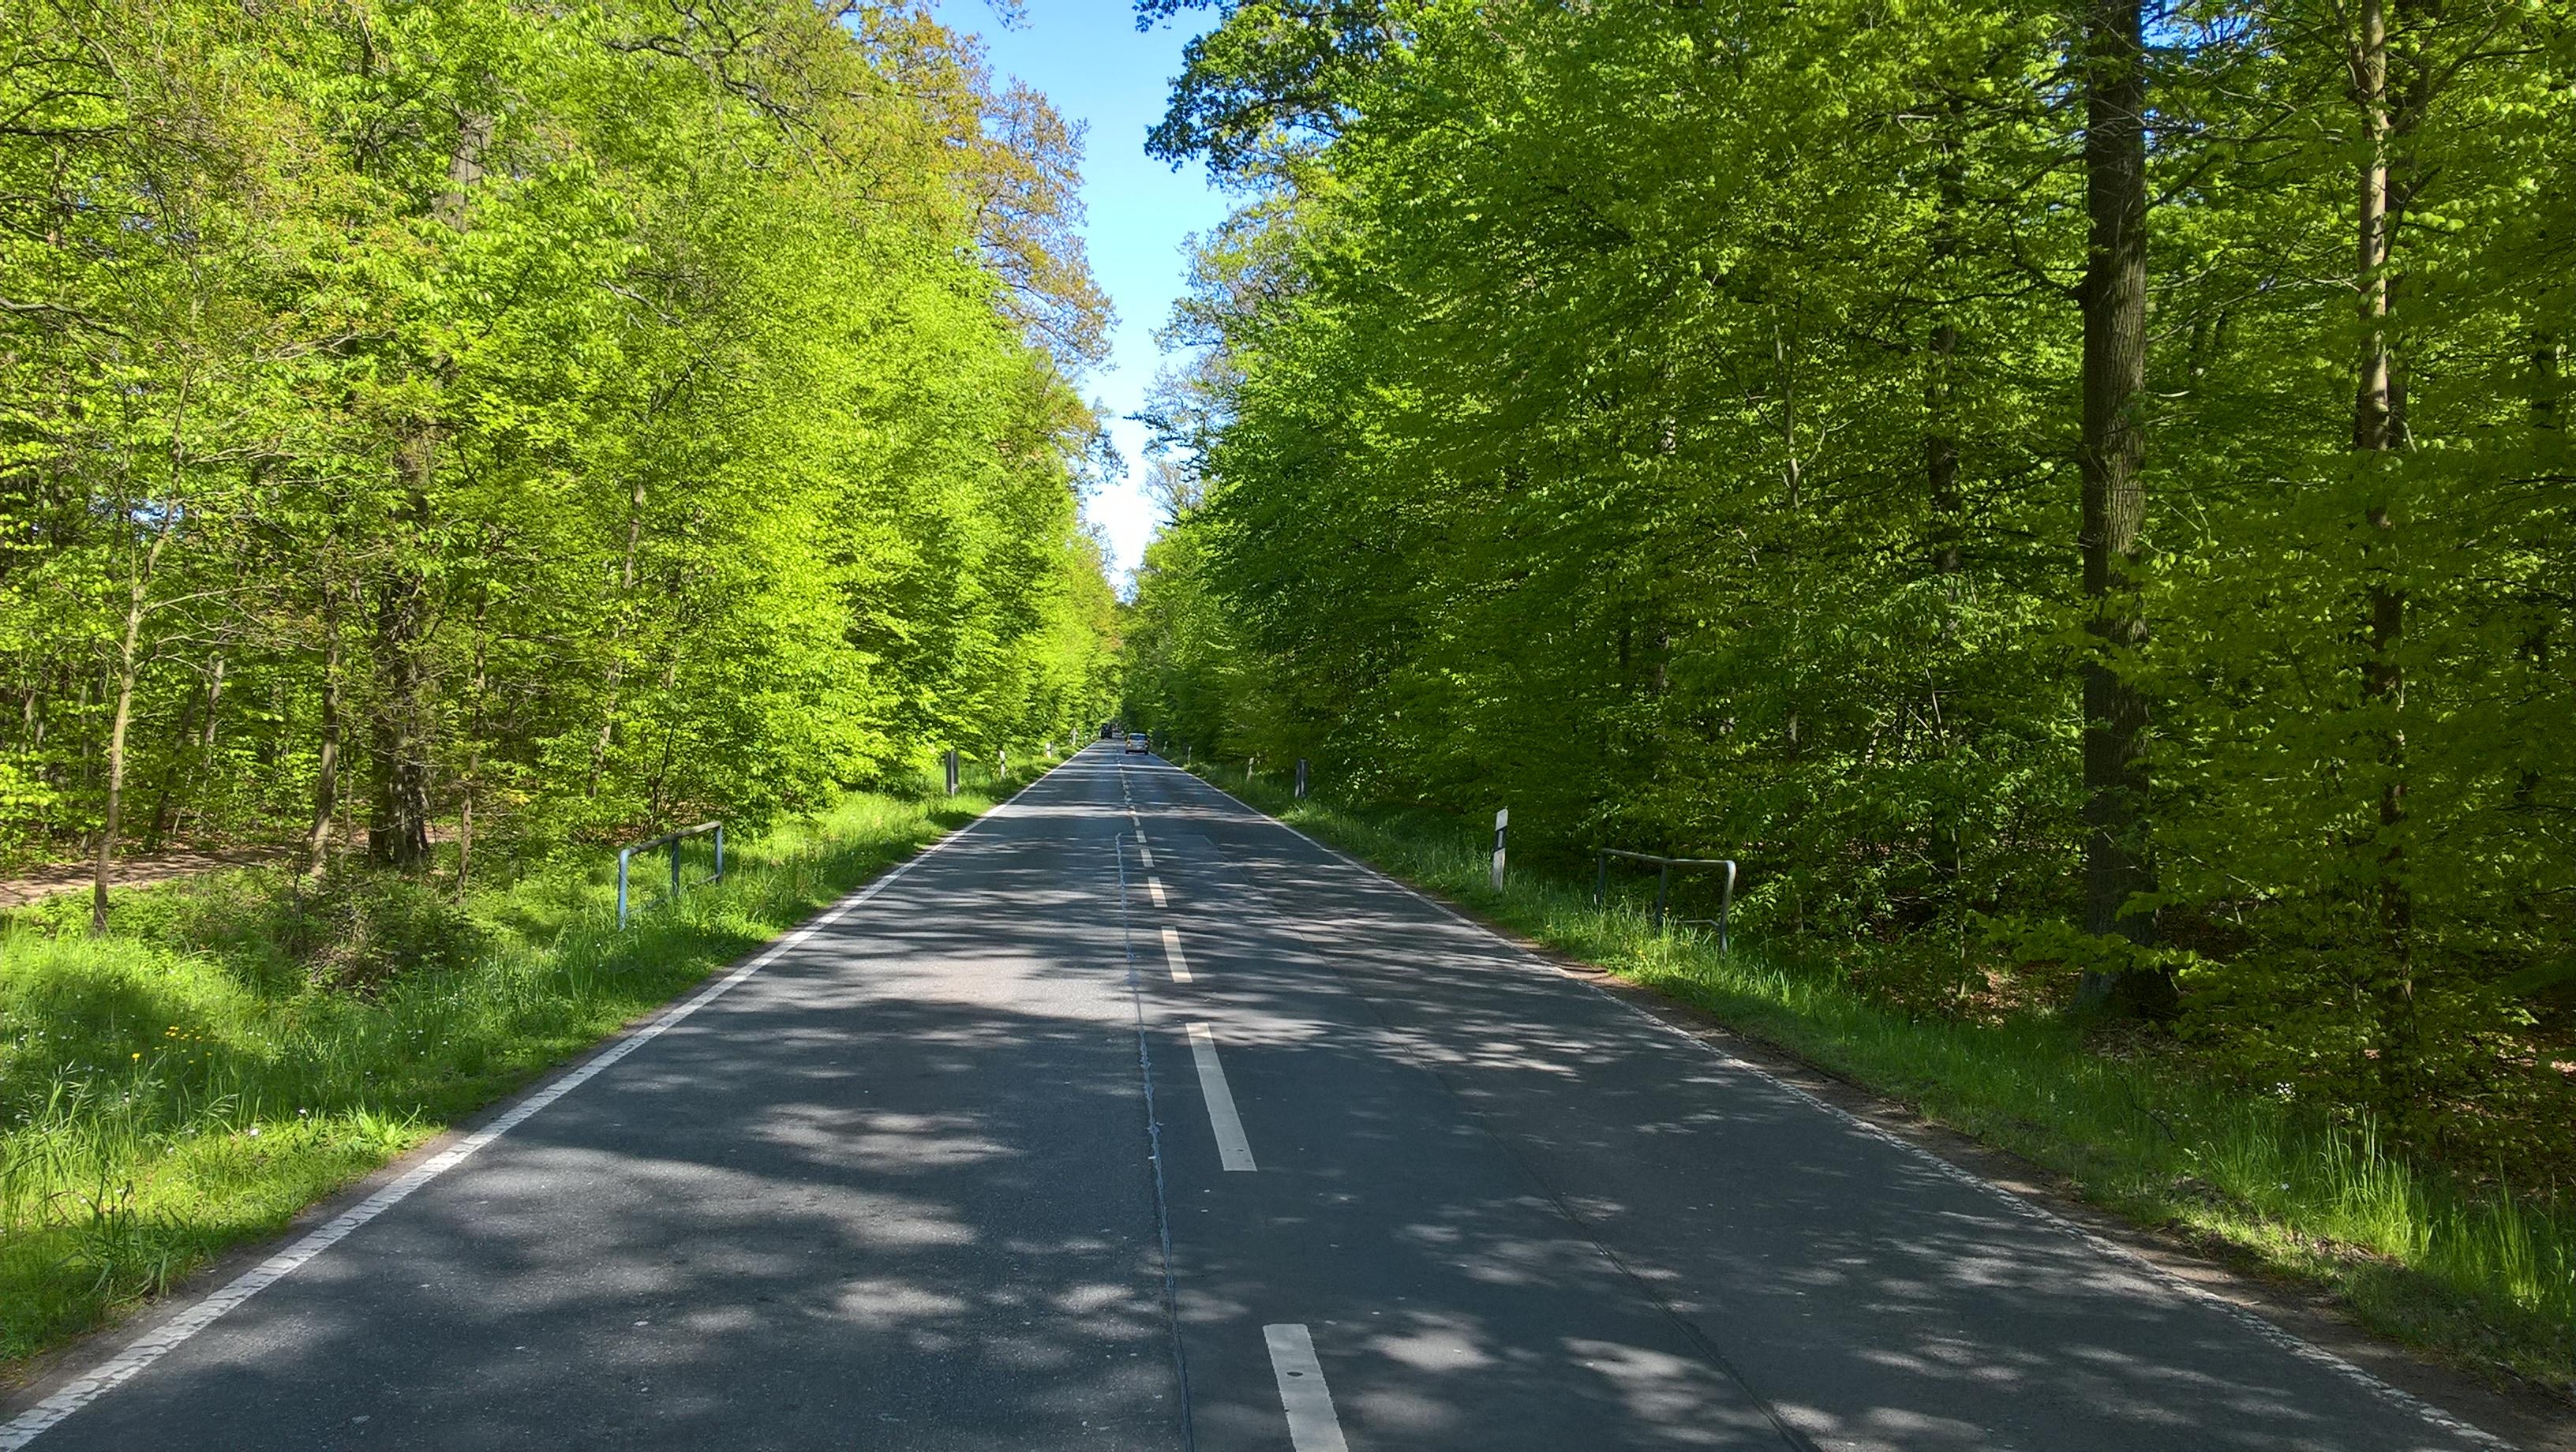 Eine Straße umrandet mit hohen Laubbäumen führt nach vorn.